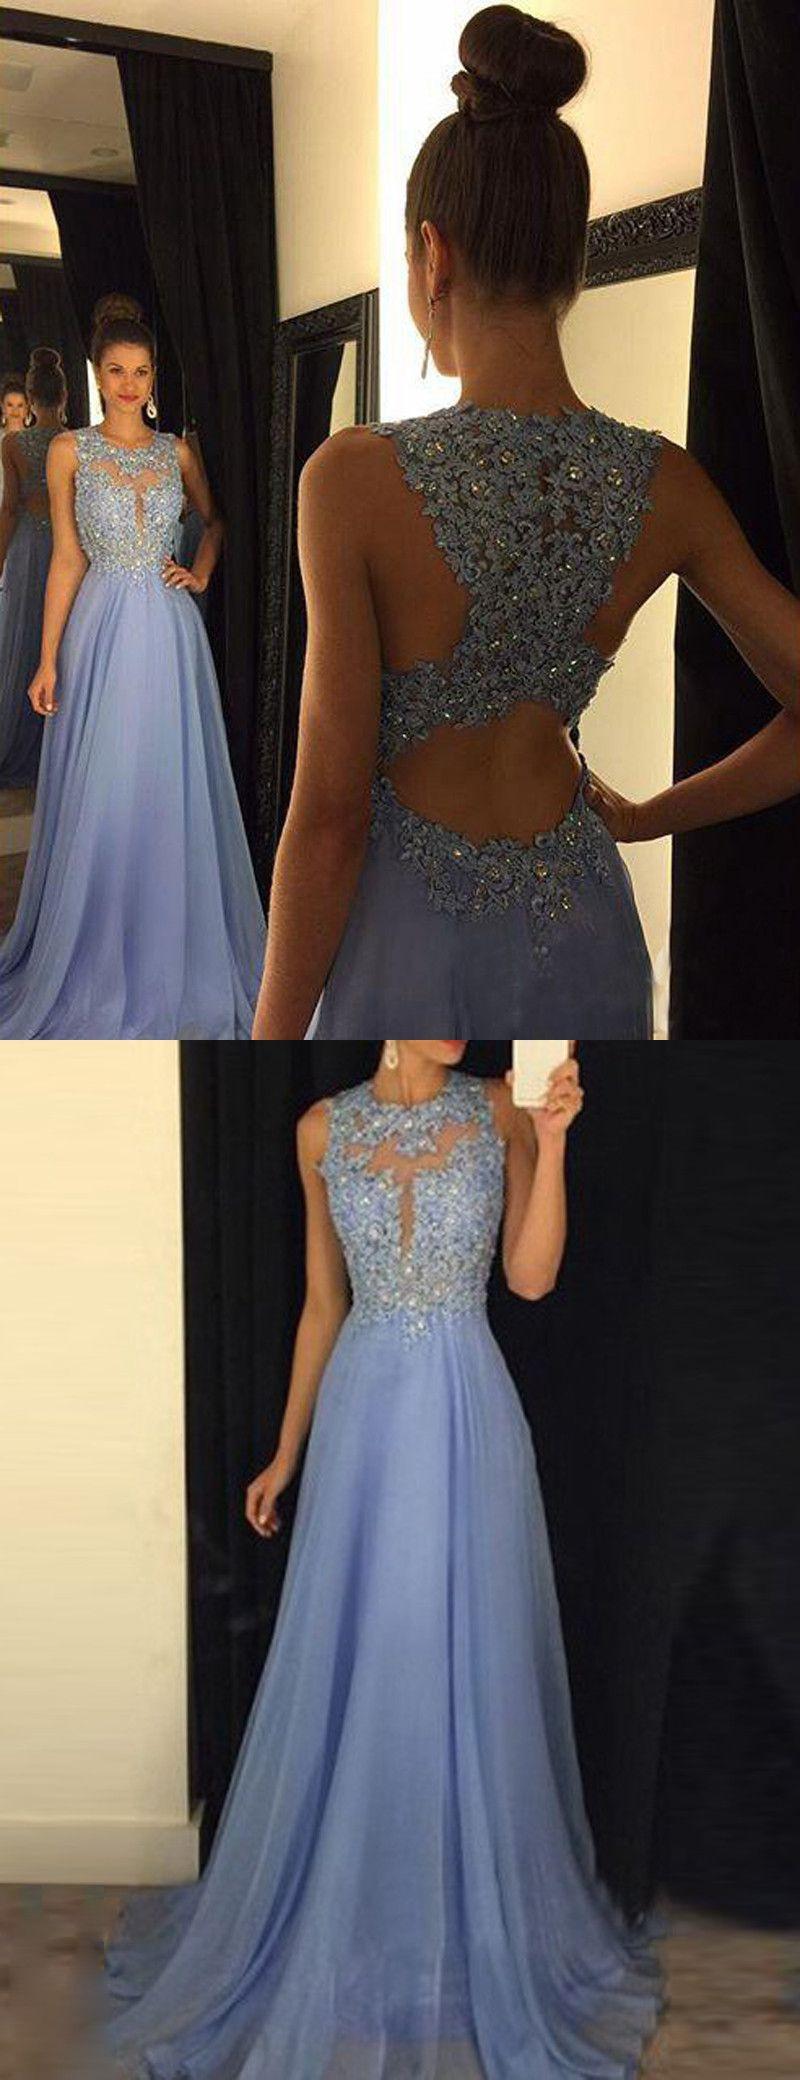 Elegant Elegant Abend Kleid Boutique10 Einfach Elegant Abend Kleid Boutique